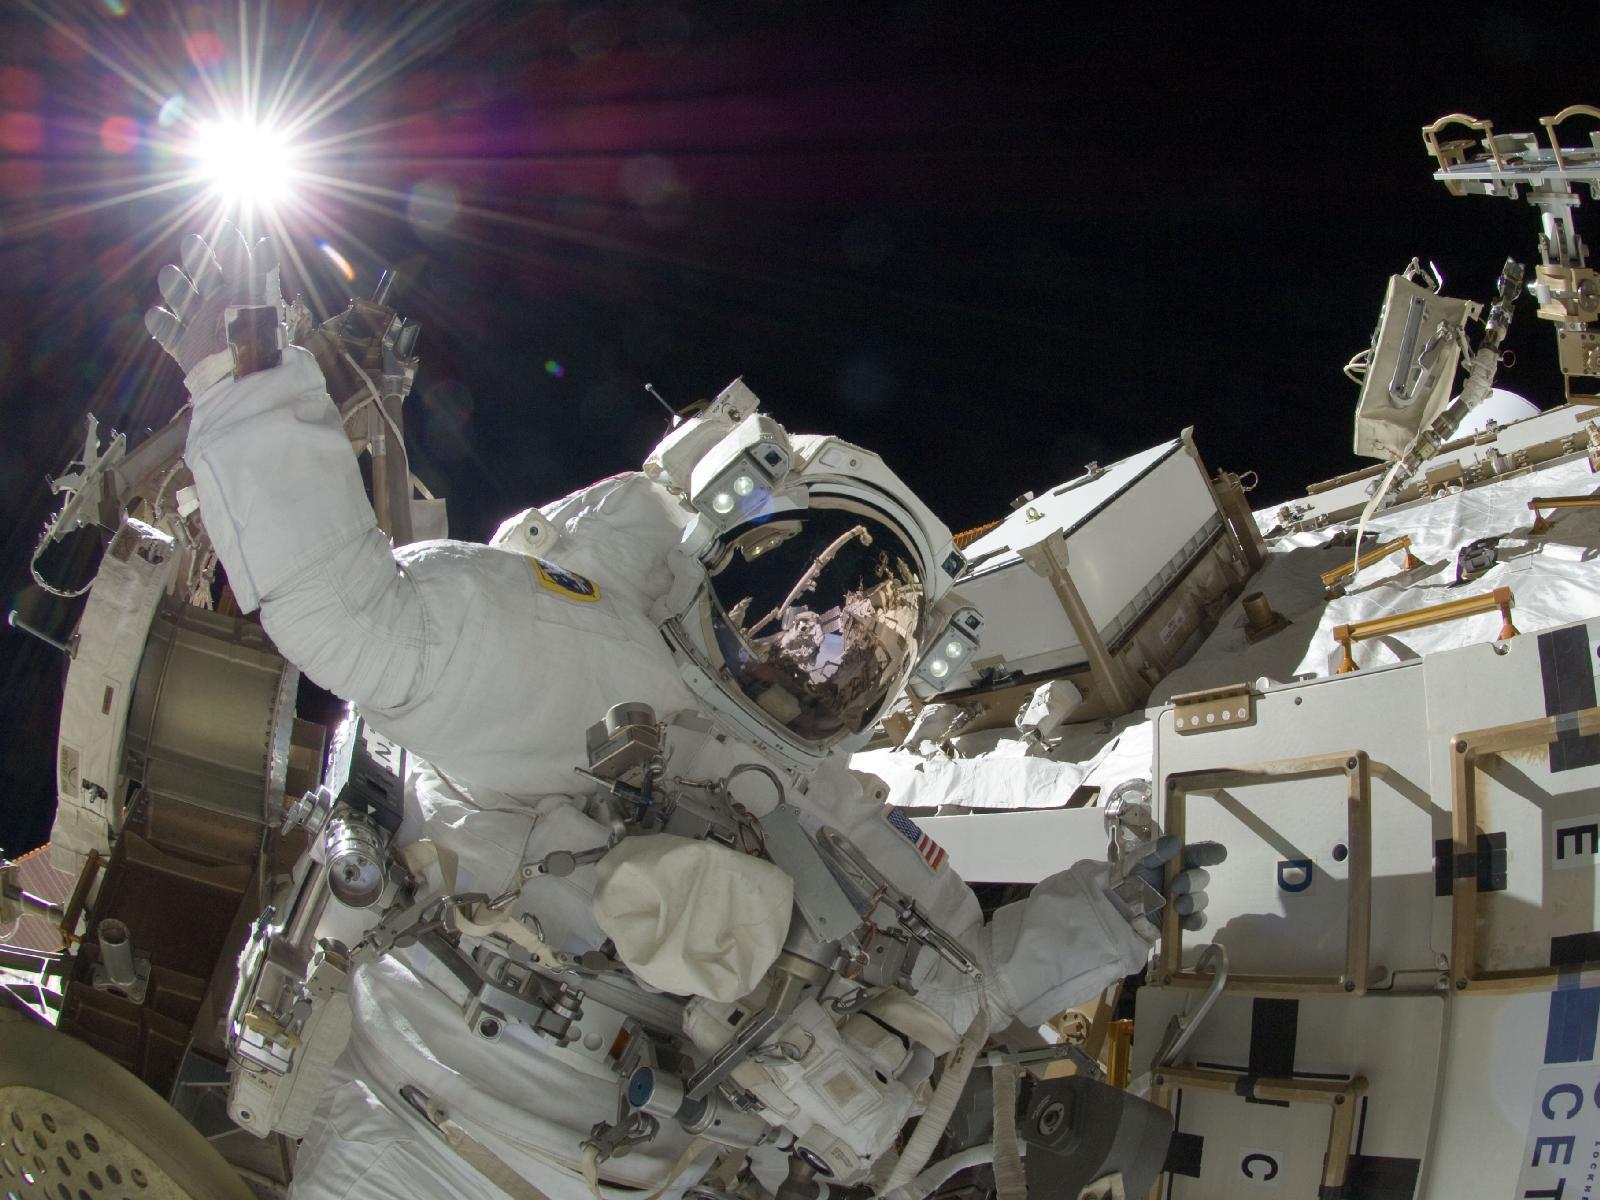 Spacewalking Sunita Williams Touches the Sun